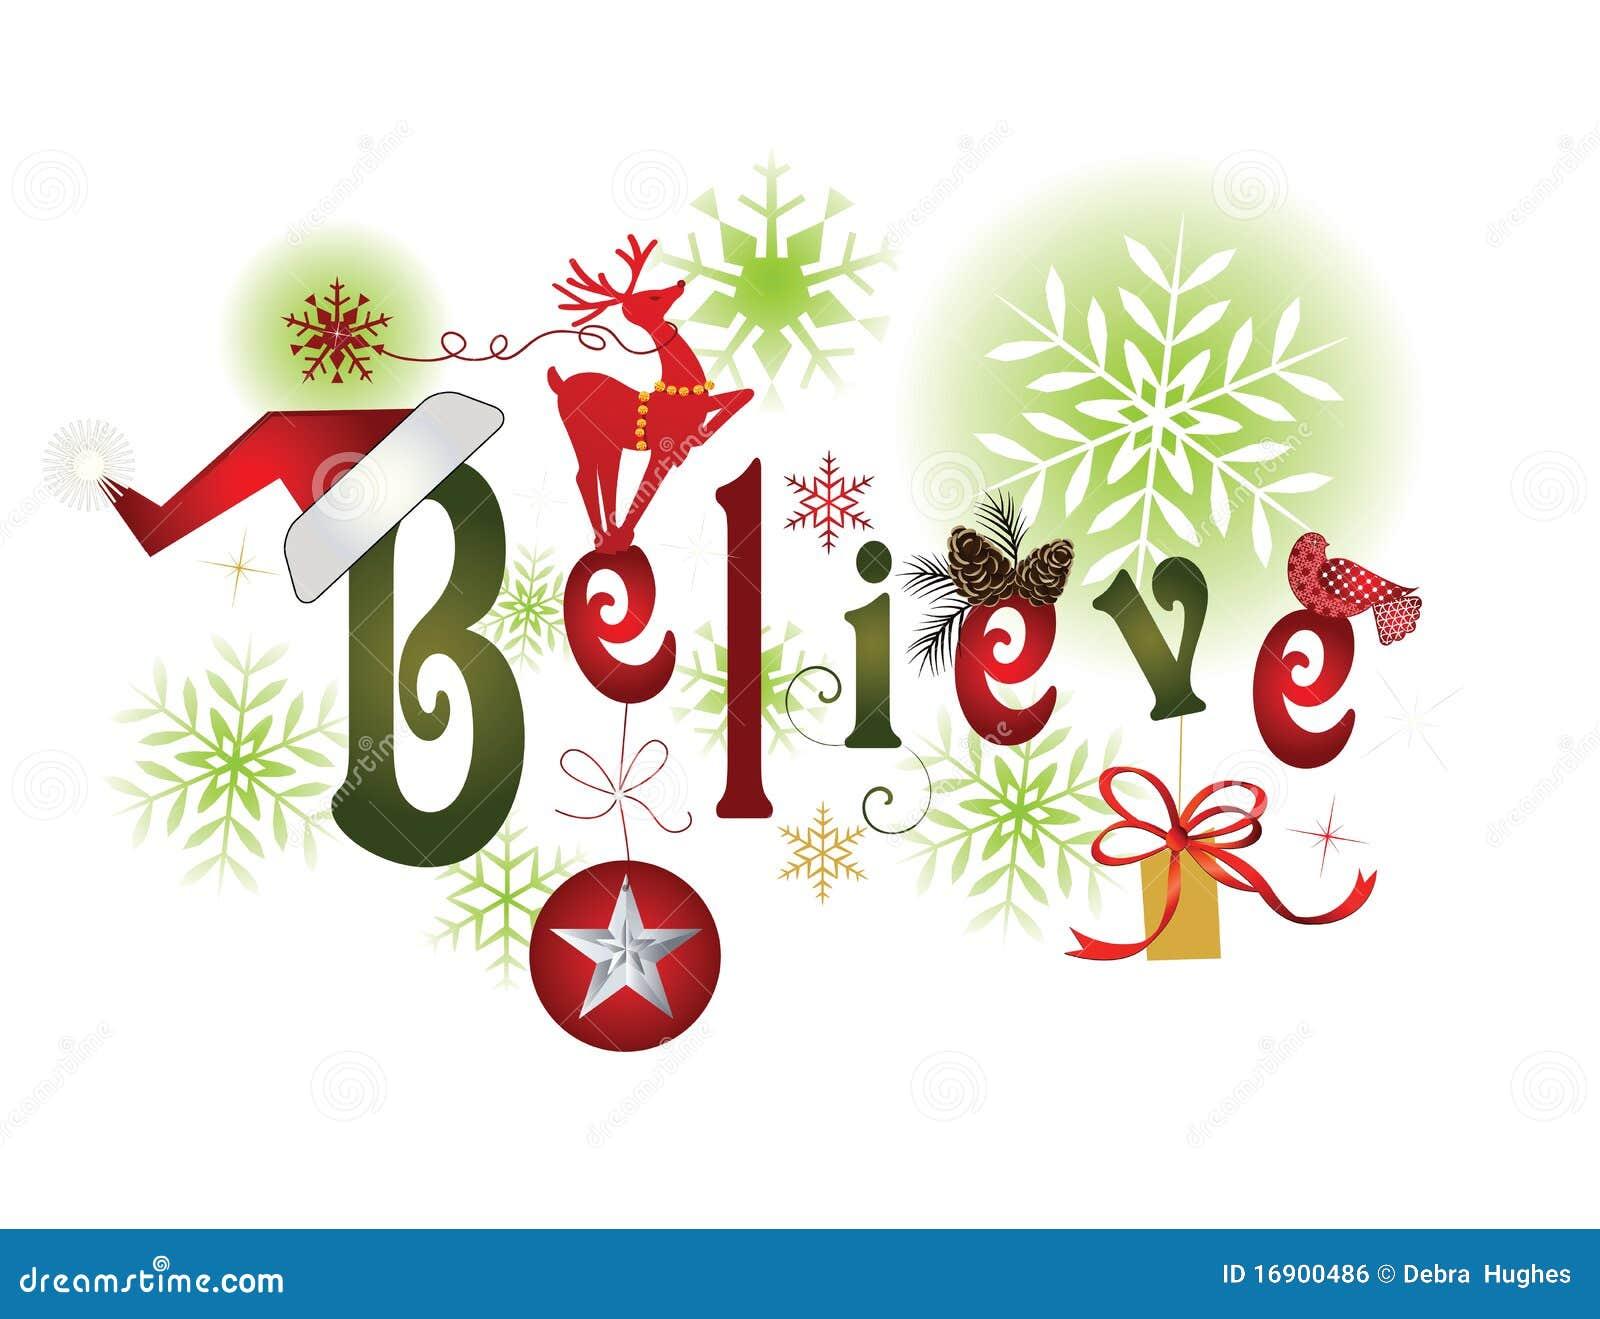 Christmas Believe Snow Globe Stock Image - Image: 21269111